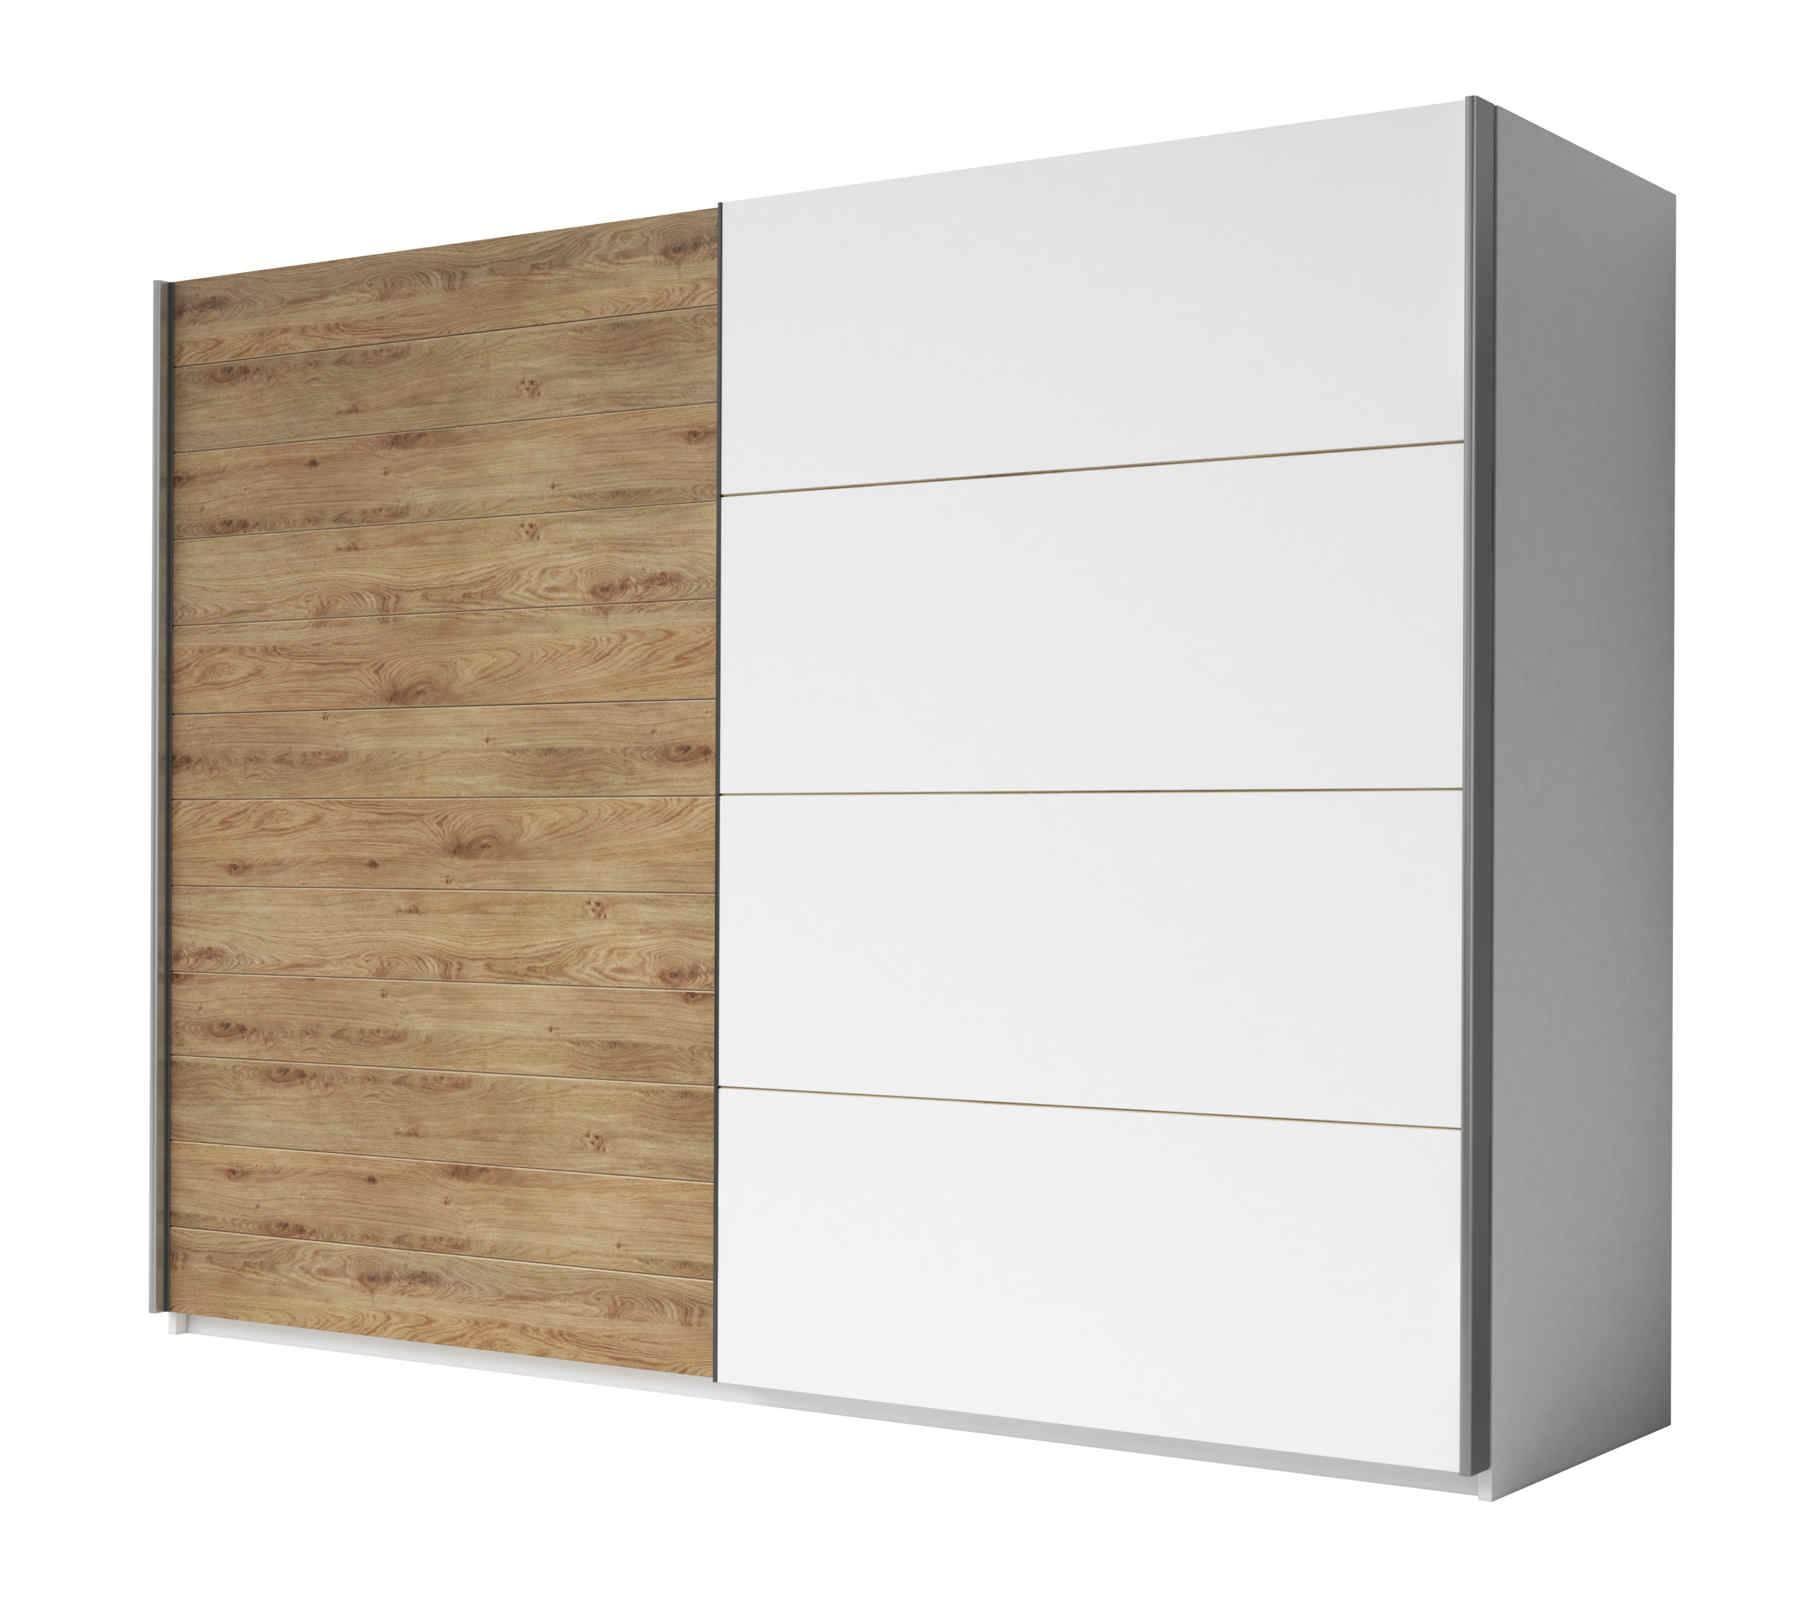 Ντουλάπα Συρόμενη Kappa-270 x 61 x 210 εκ.-Λευκό - Φυσικό